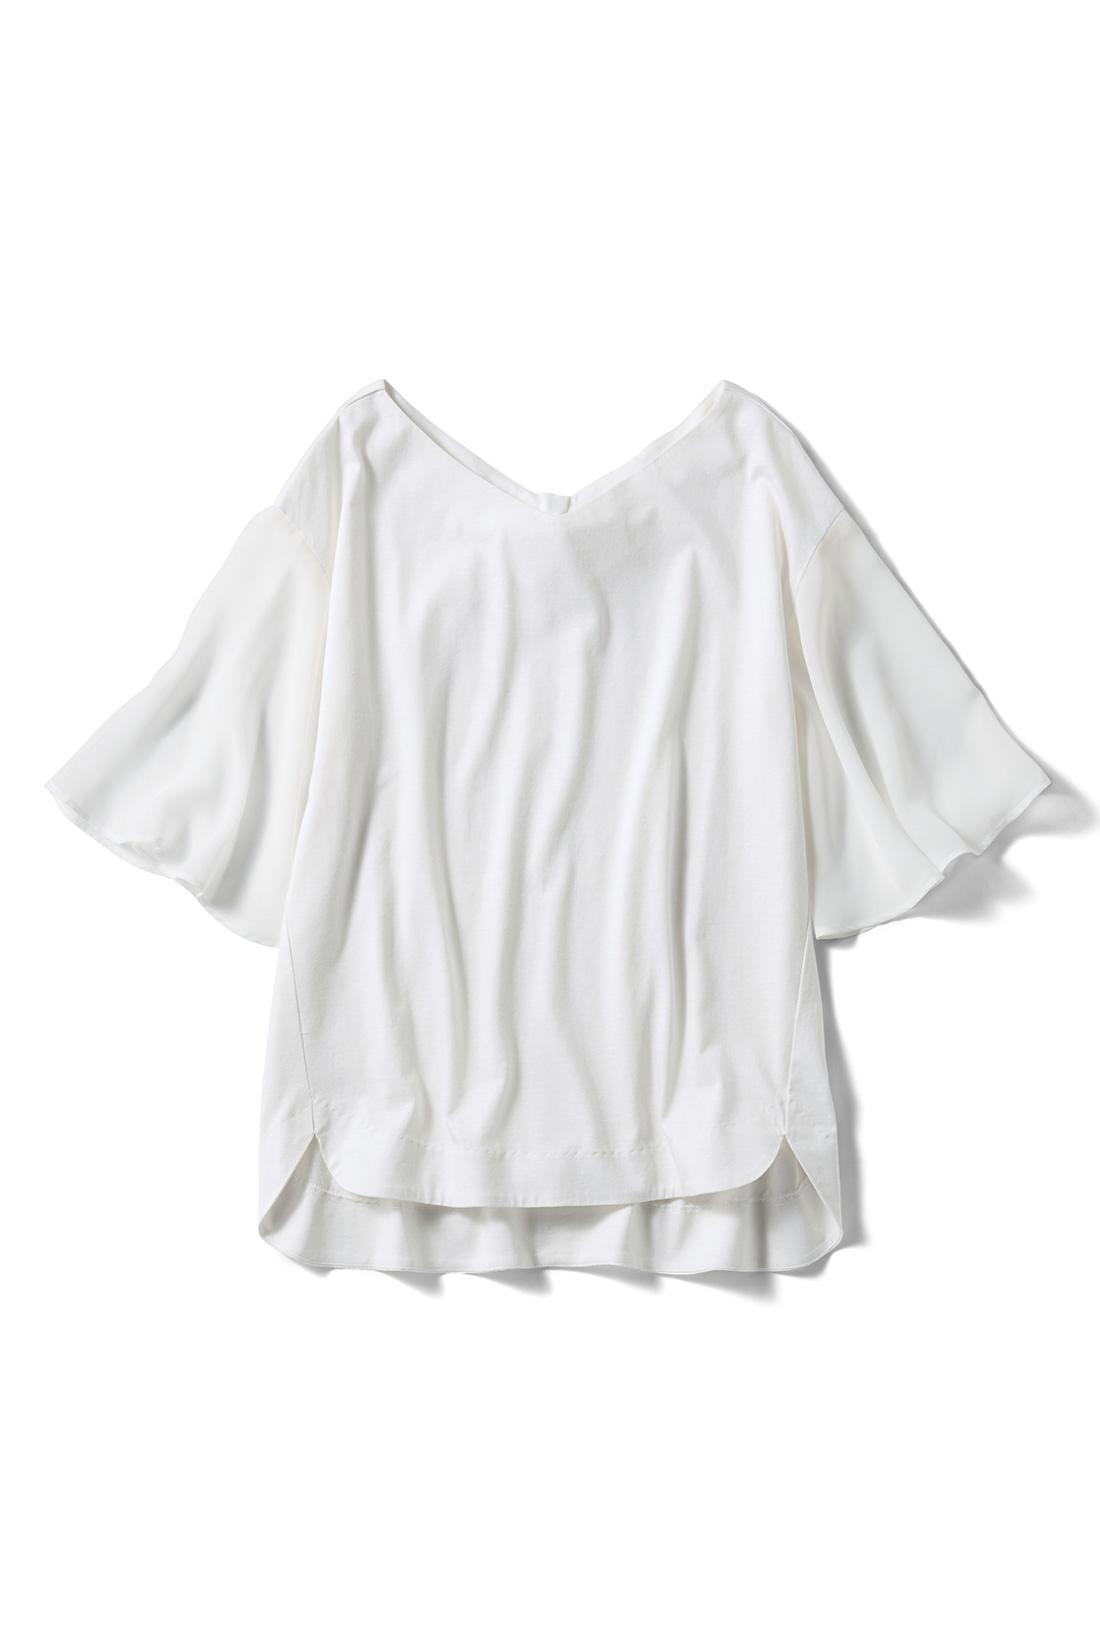 着まわし力の〈ホワイト〉 わきを少し前へ寄せた細見えパターン。ゆるりとした袖とあいまって、全身を華奢見せ。